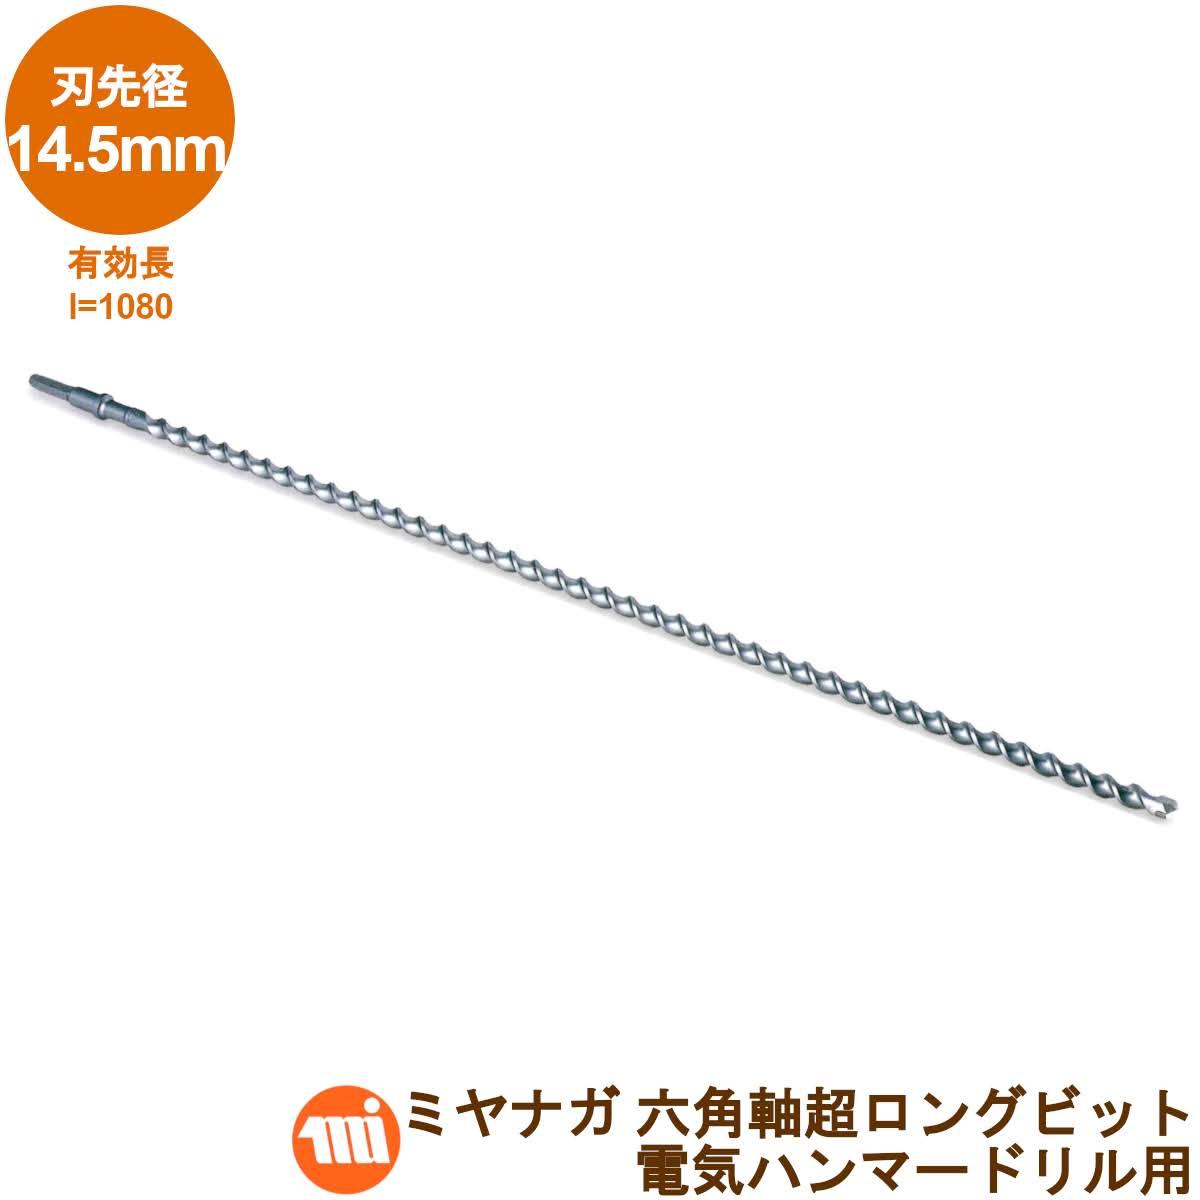 ミヤナガ 六角軸超ロングビット HEX145120刃先径:14.5mm/全長L=1200mm/有効長l=1080mm電気ハンマードリル用 石材向け